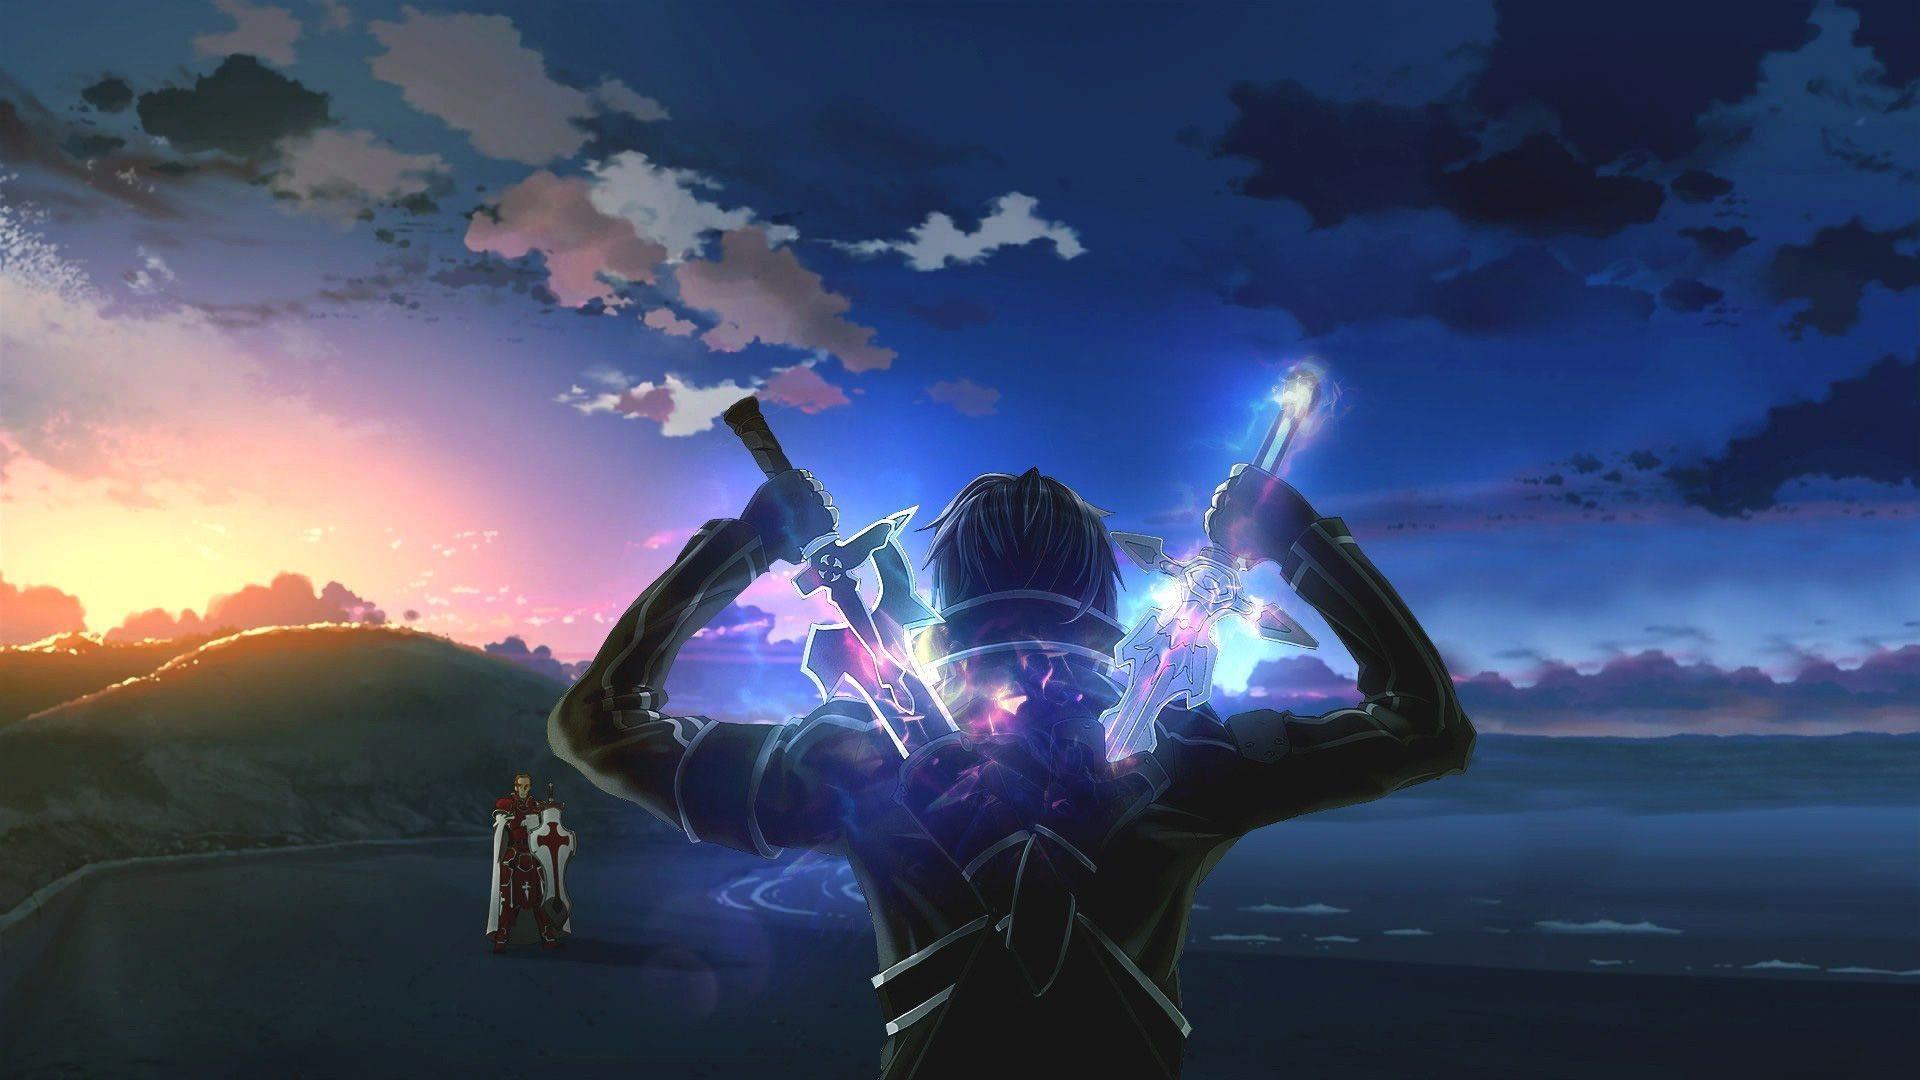 Sword Art Online Wallpaper 79 Immagini